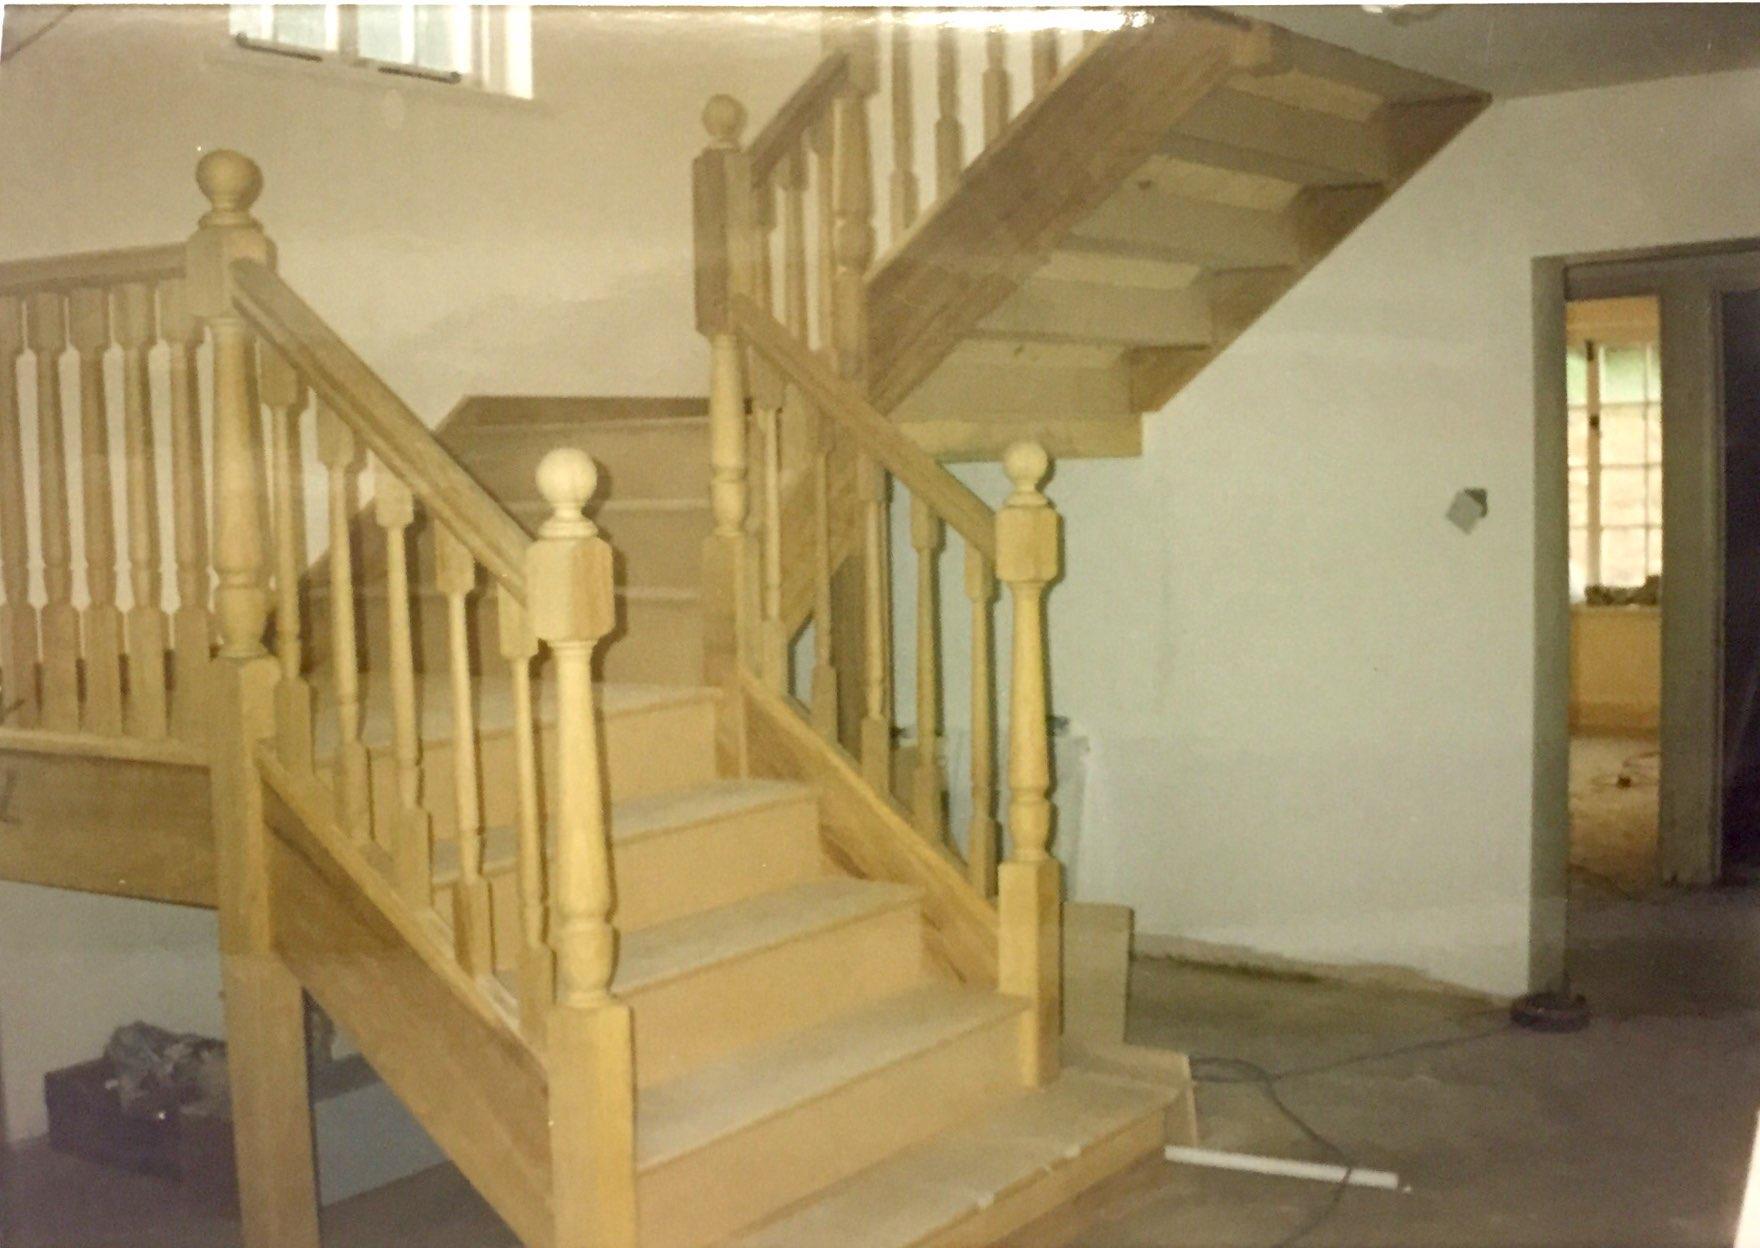 Feint staircase 3.jpg